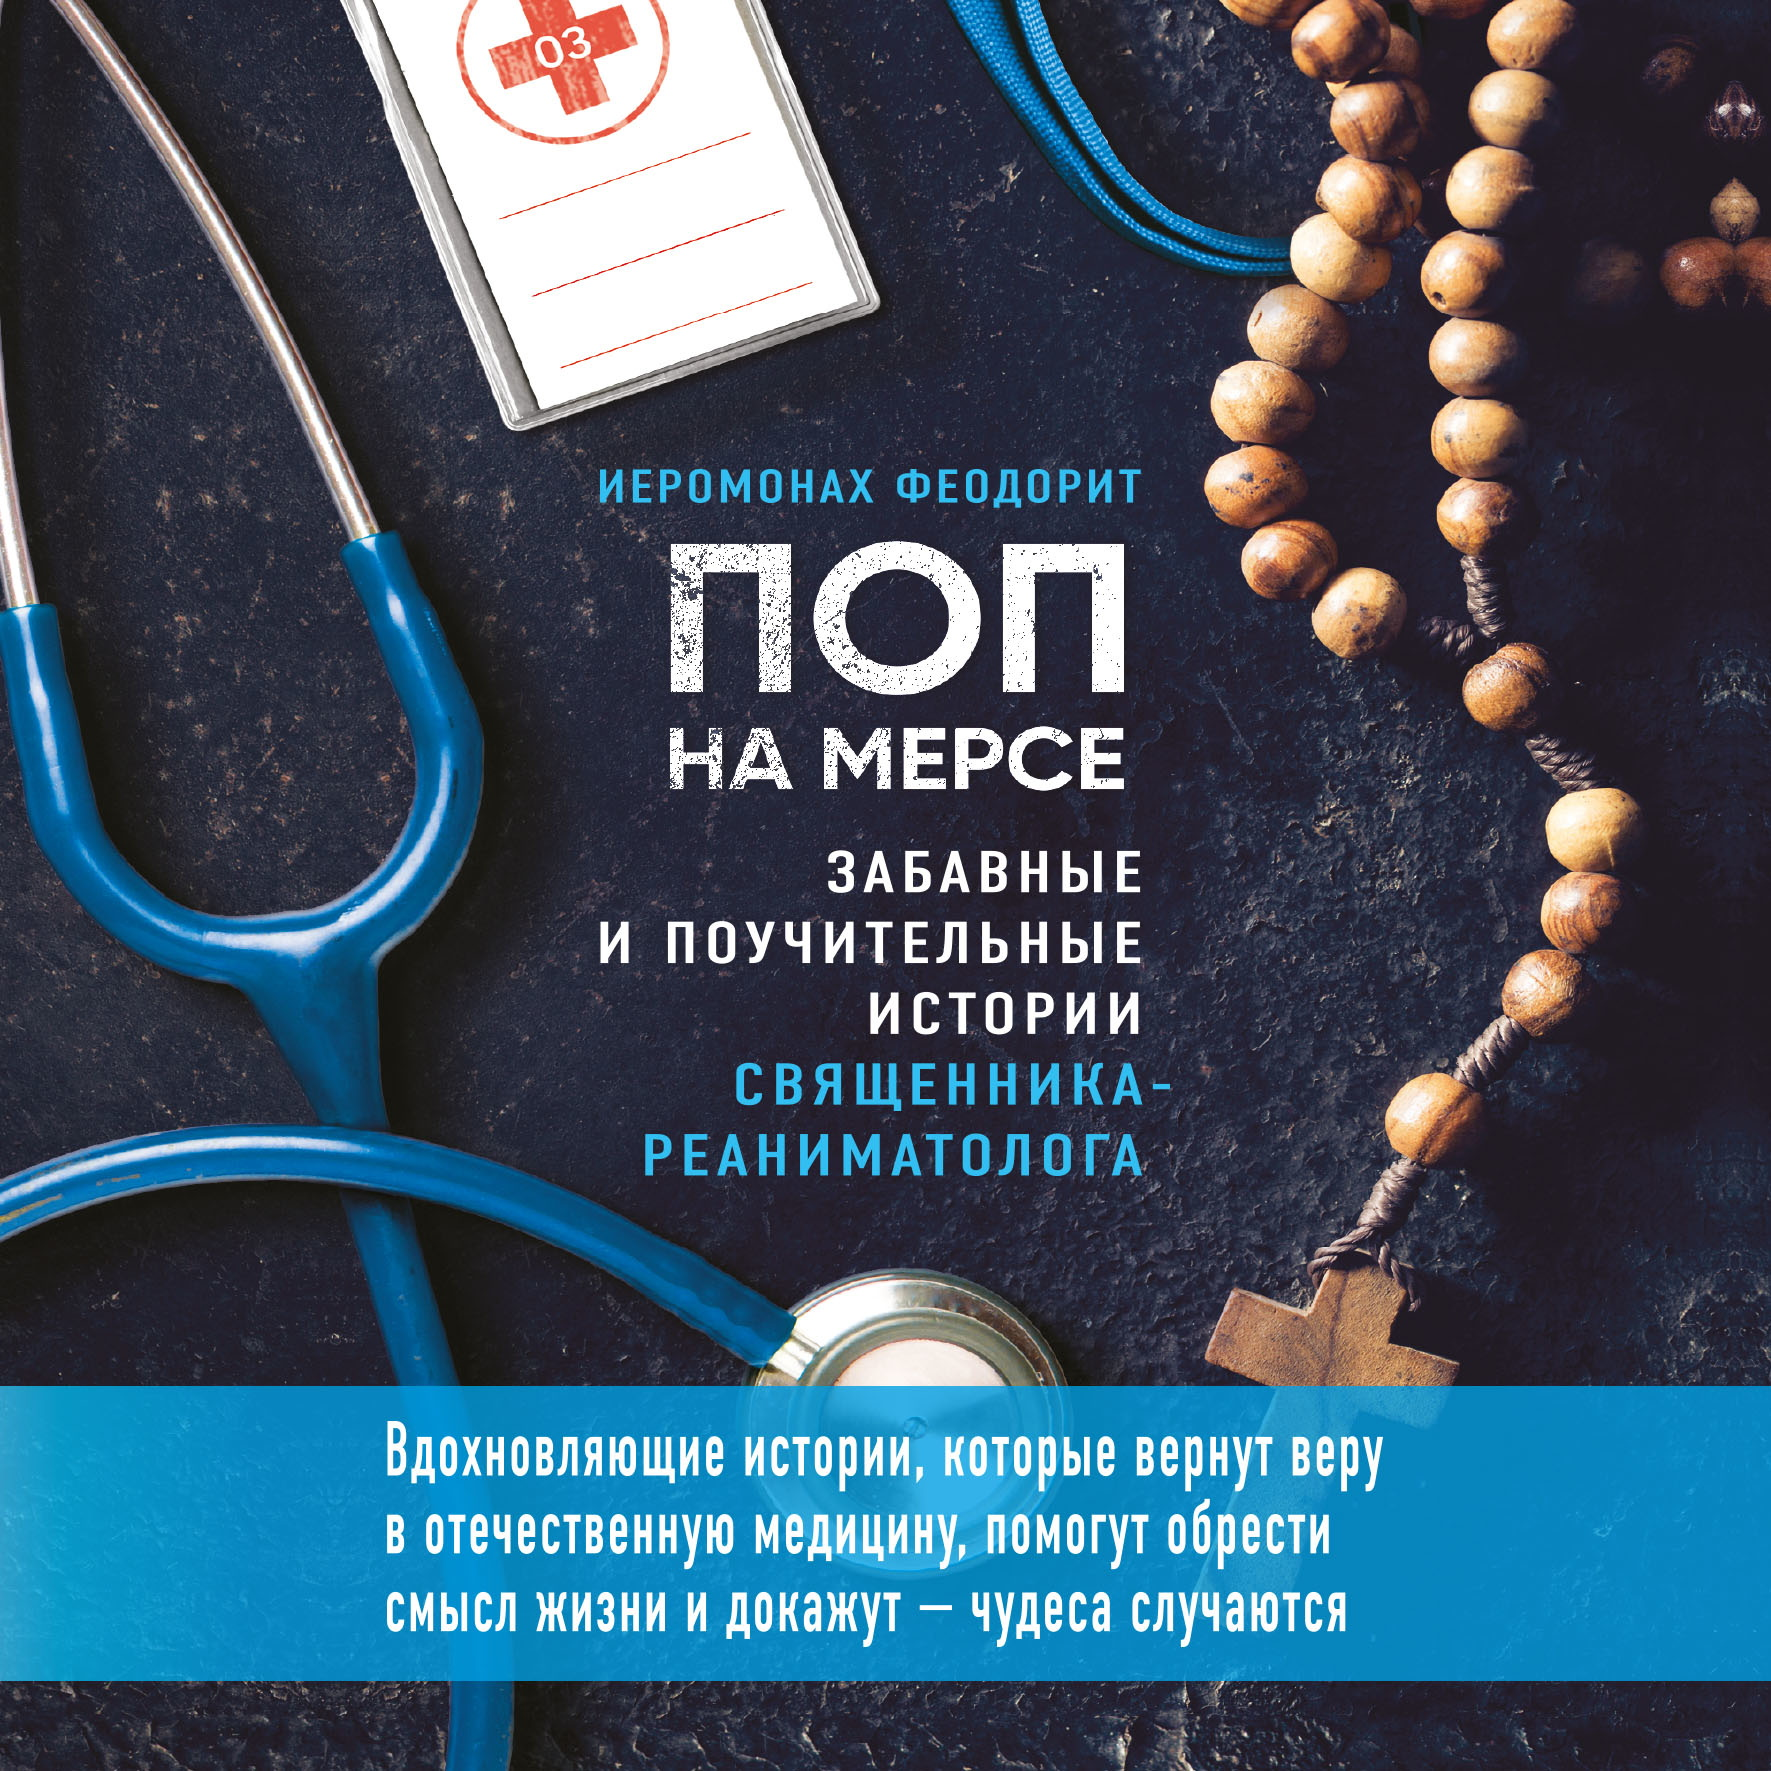 Купить книгу Поп на мерсе. Забавные и поучительные истории священника-реаниматолога, автора иеромонаха Феодорит